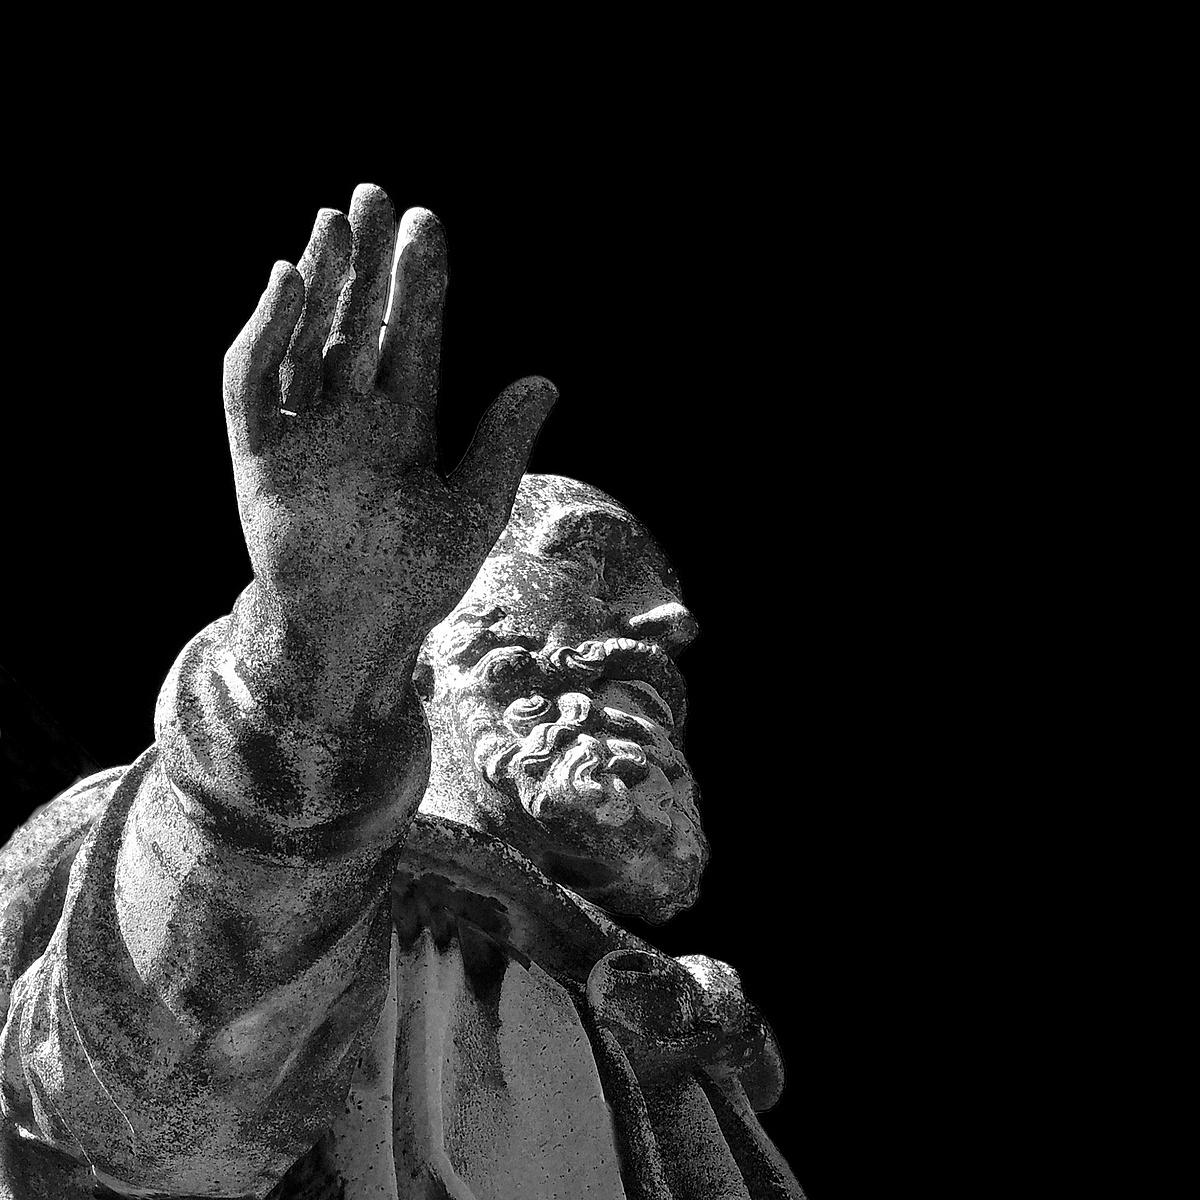 Szent kéz II.